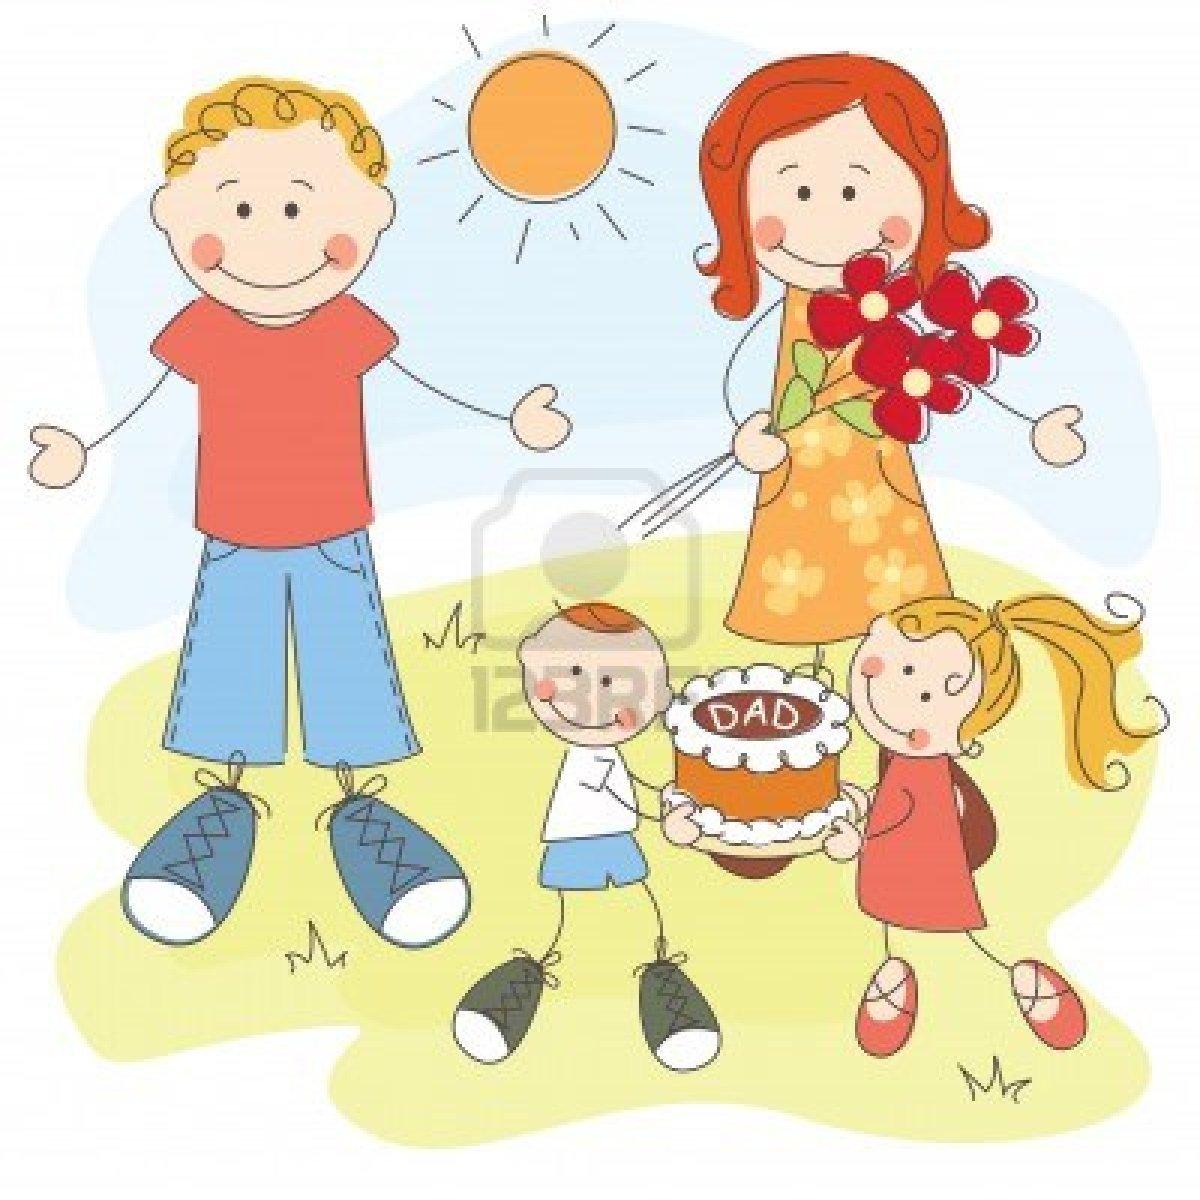 К.тейлор. рисунок семьи